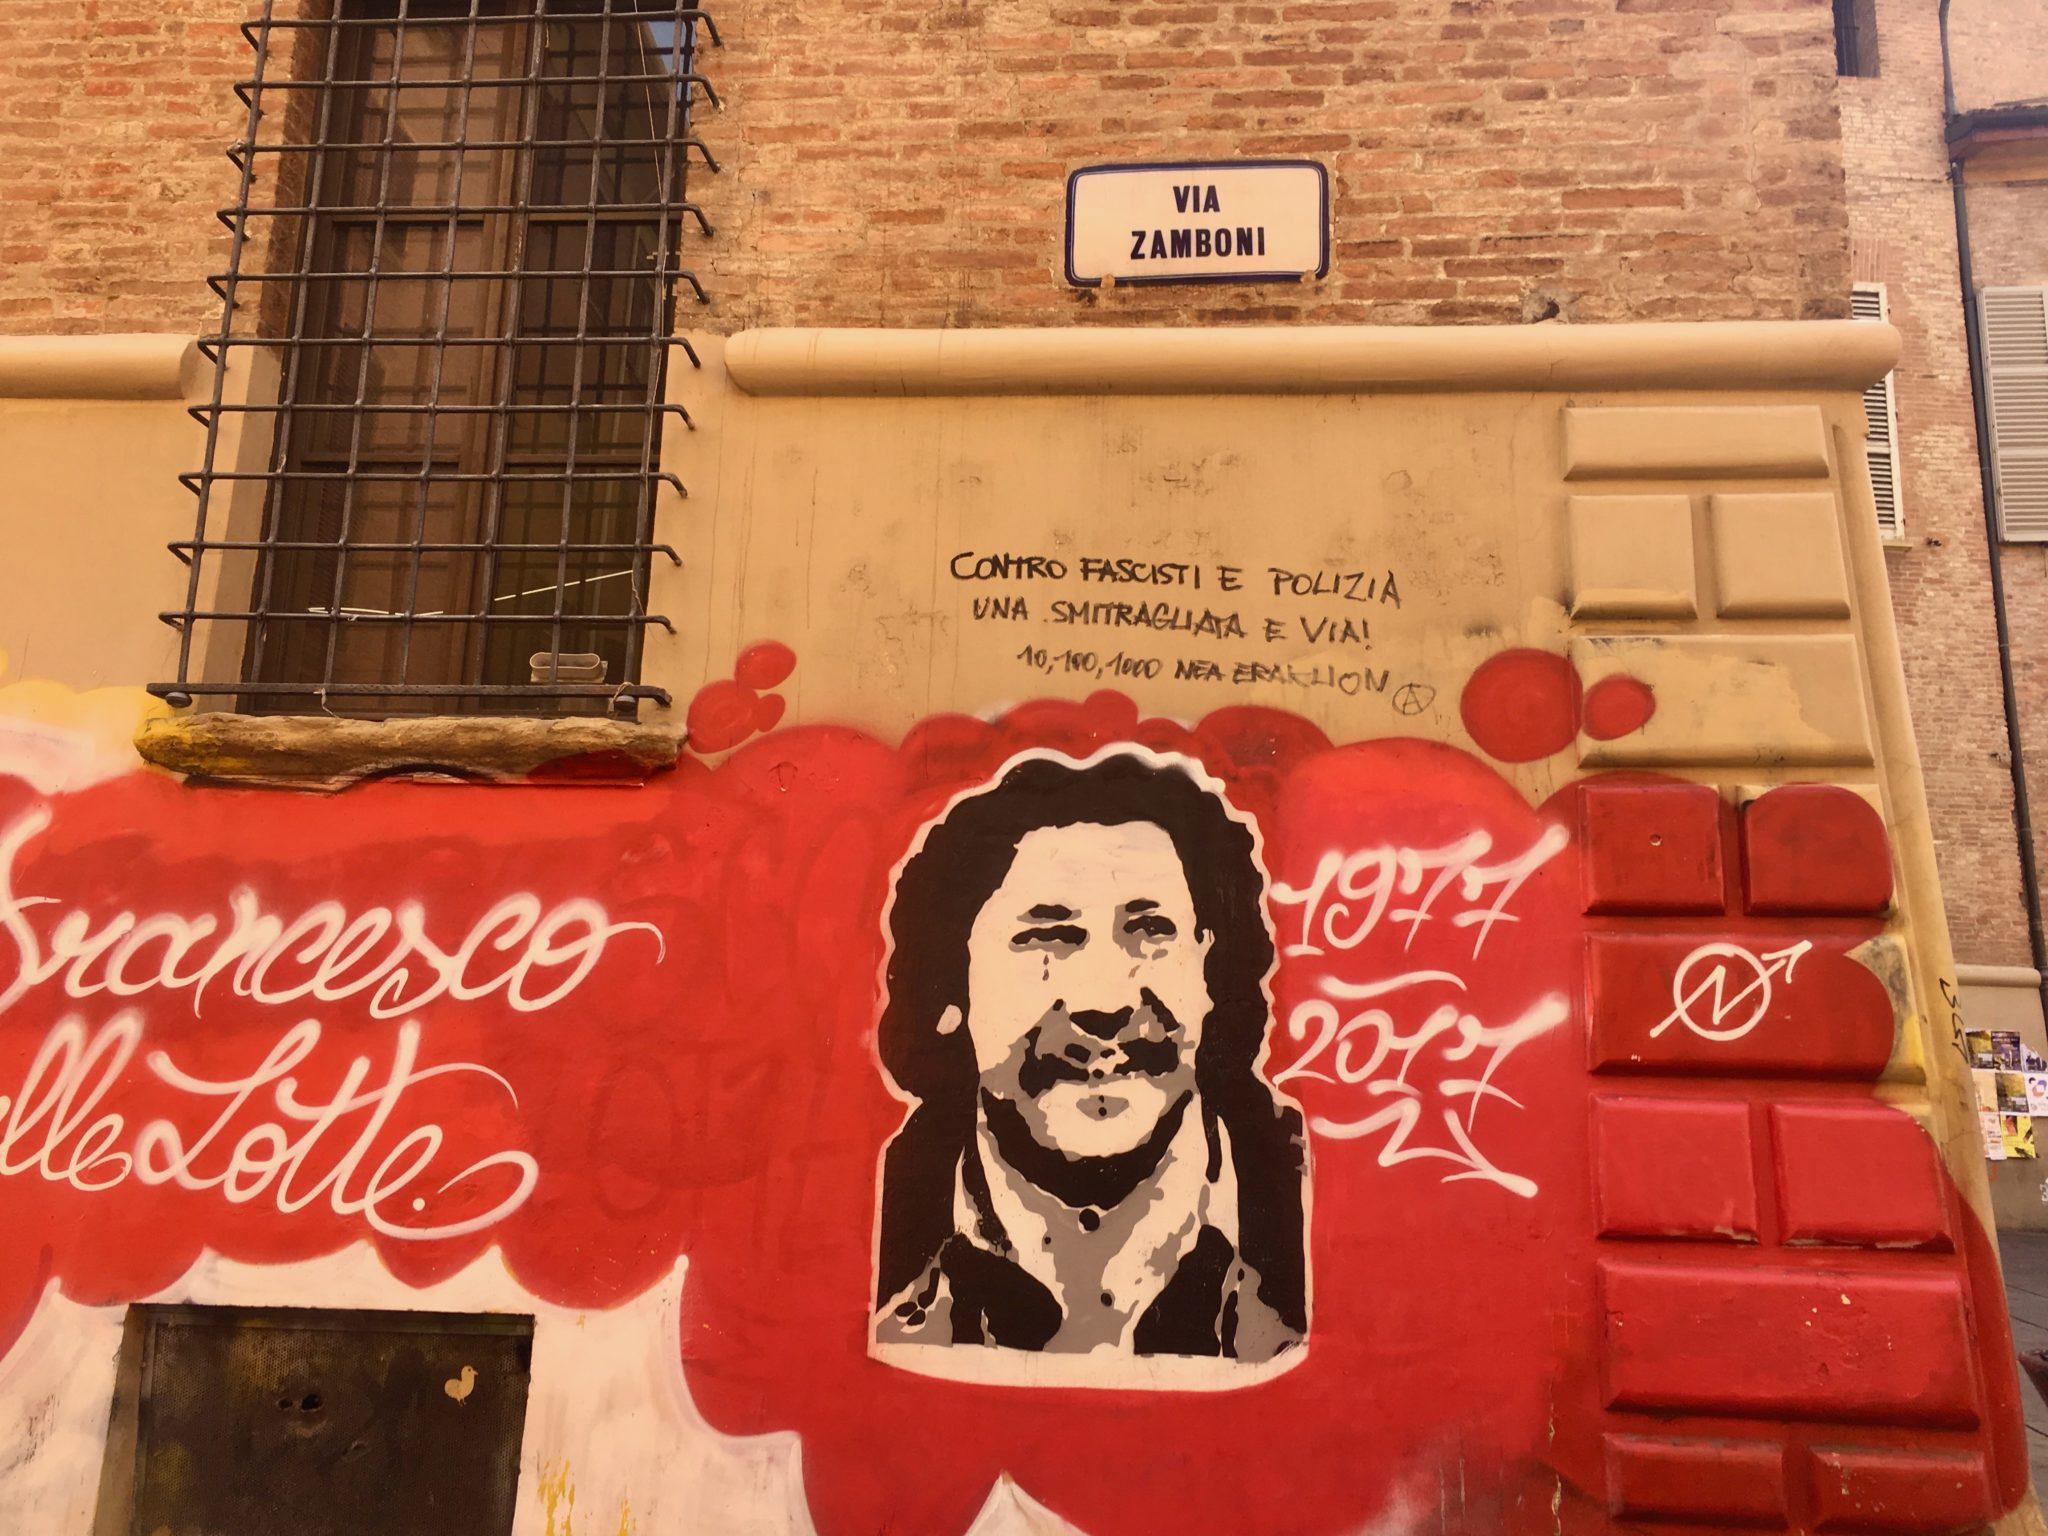 street art Bolonia Viza Zamboni